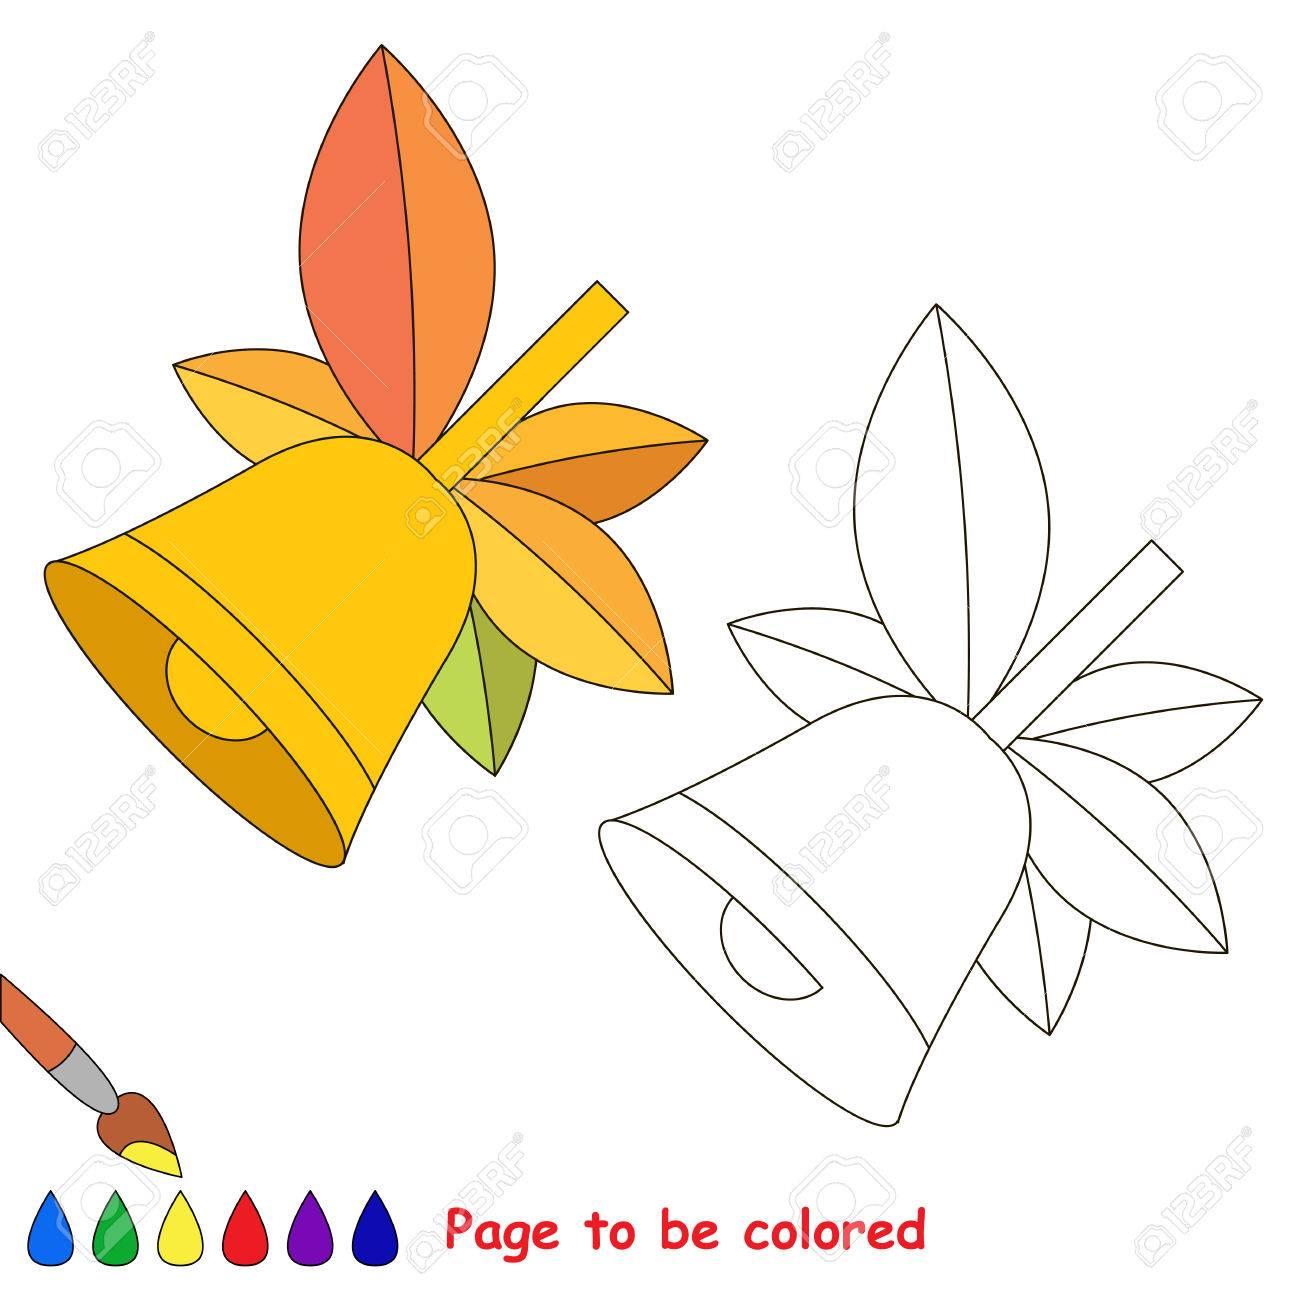 School Bell Con Hojas De Otoño A Colorear El Libro Para Colorear